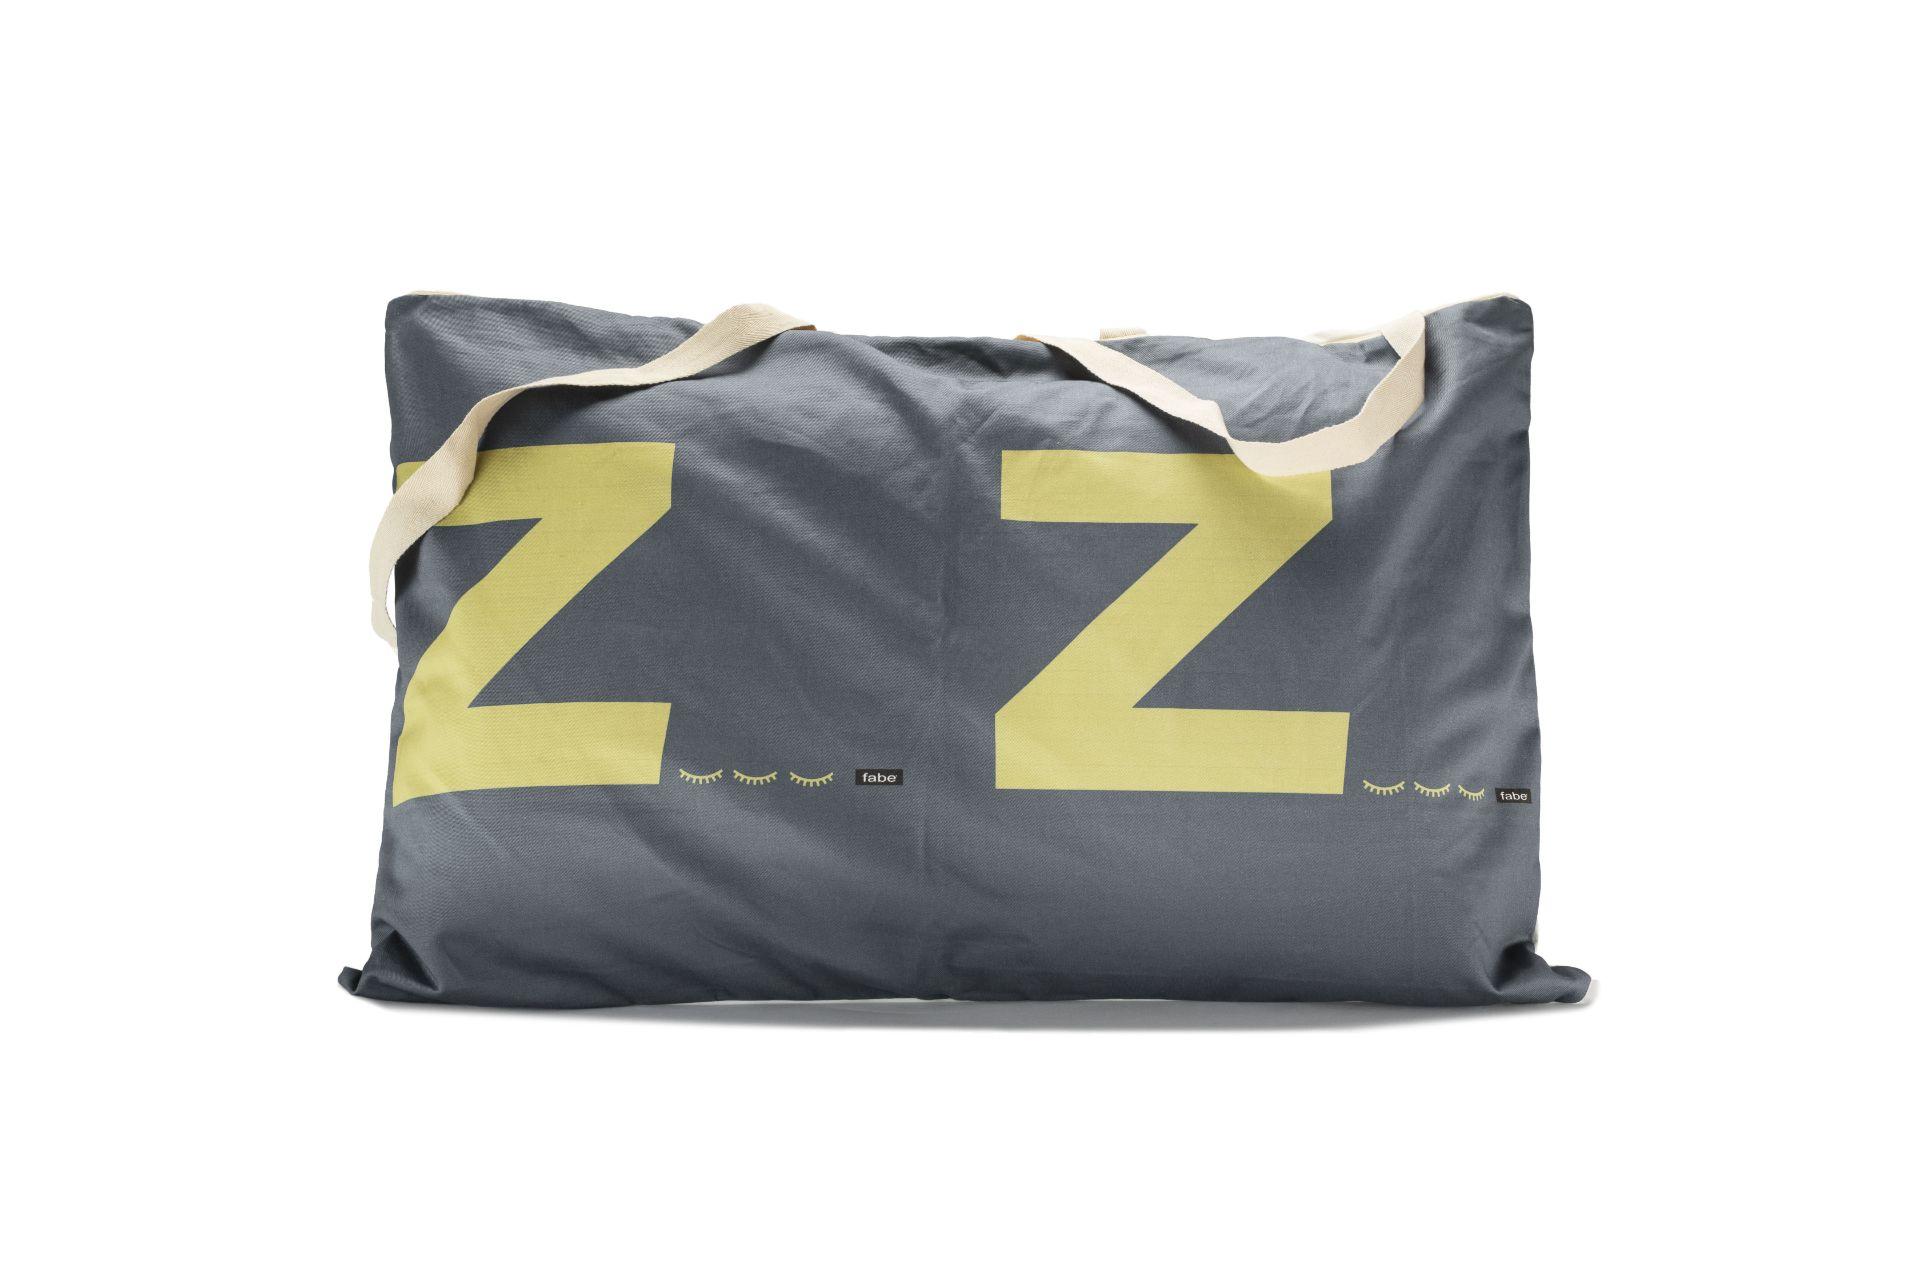 borsa-in-cotone-shopper-fabeg-z-02